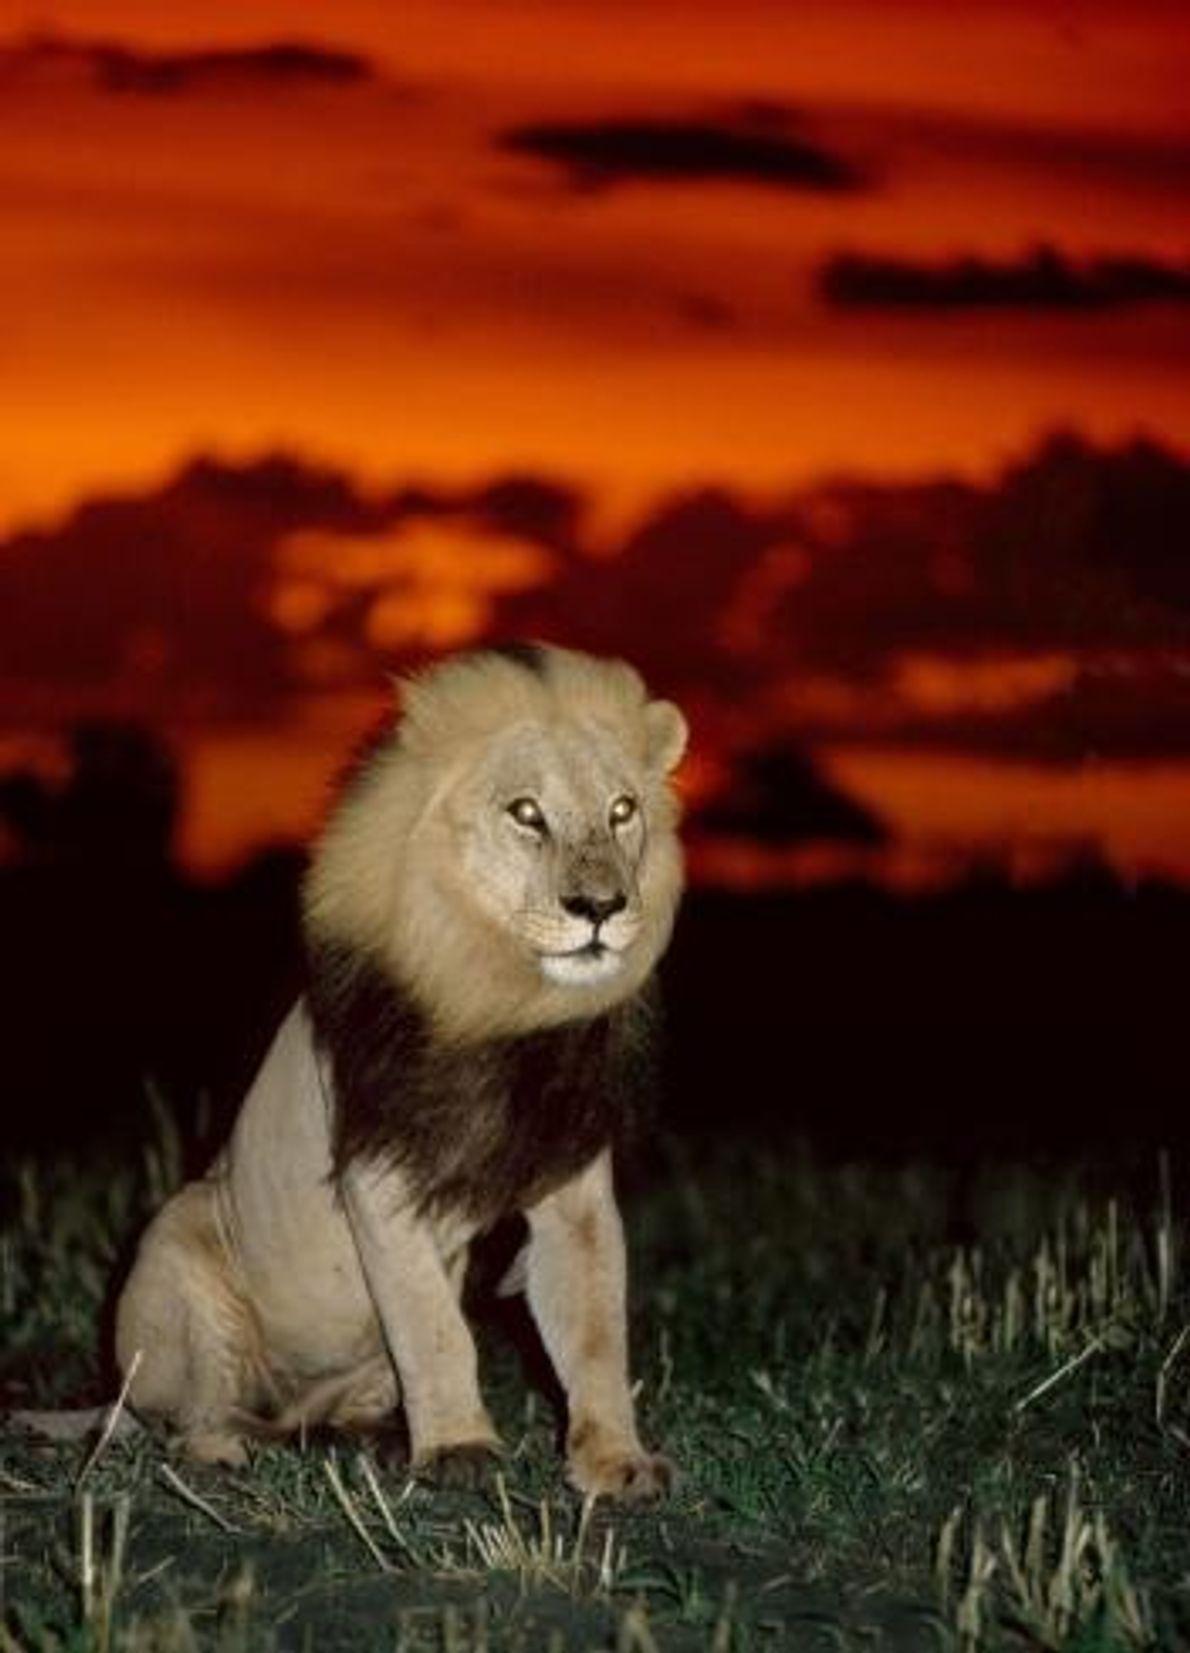 Um leão repousa sob um céu vermelho em Ntchwaidumela, no Botswana.